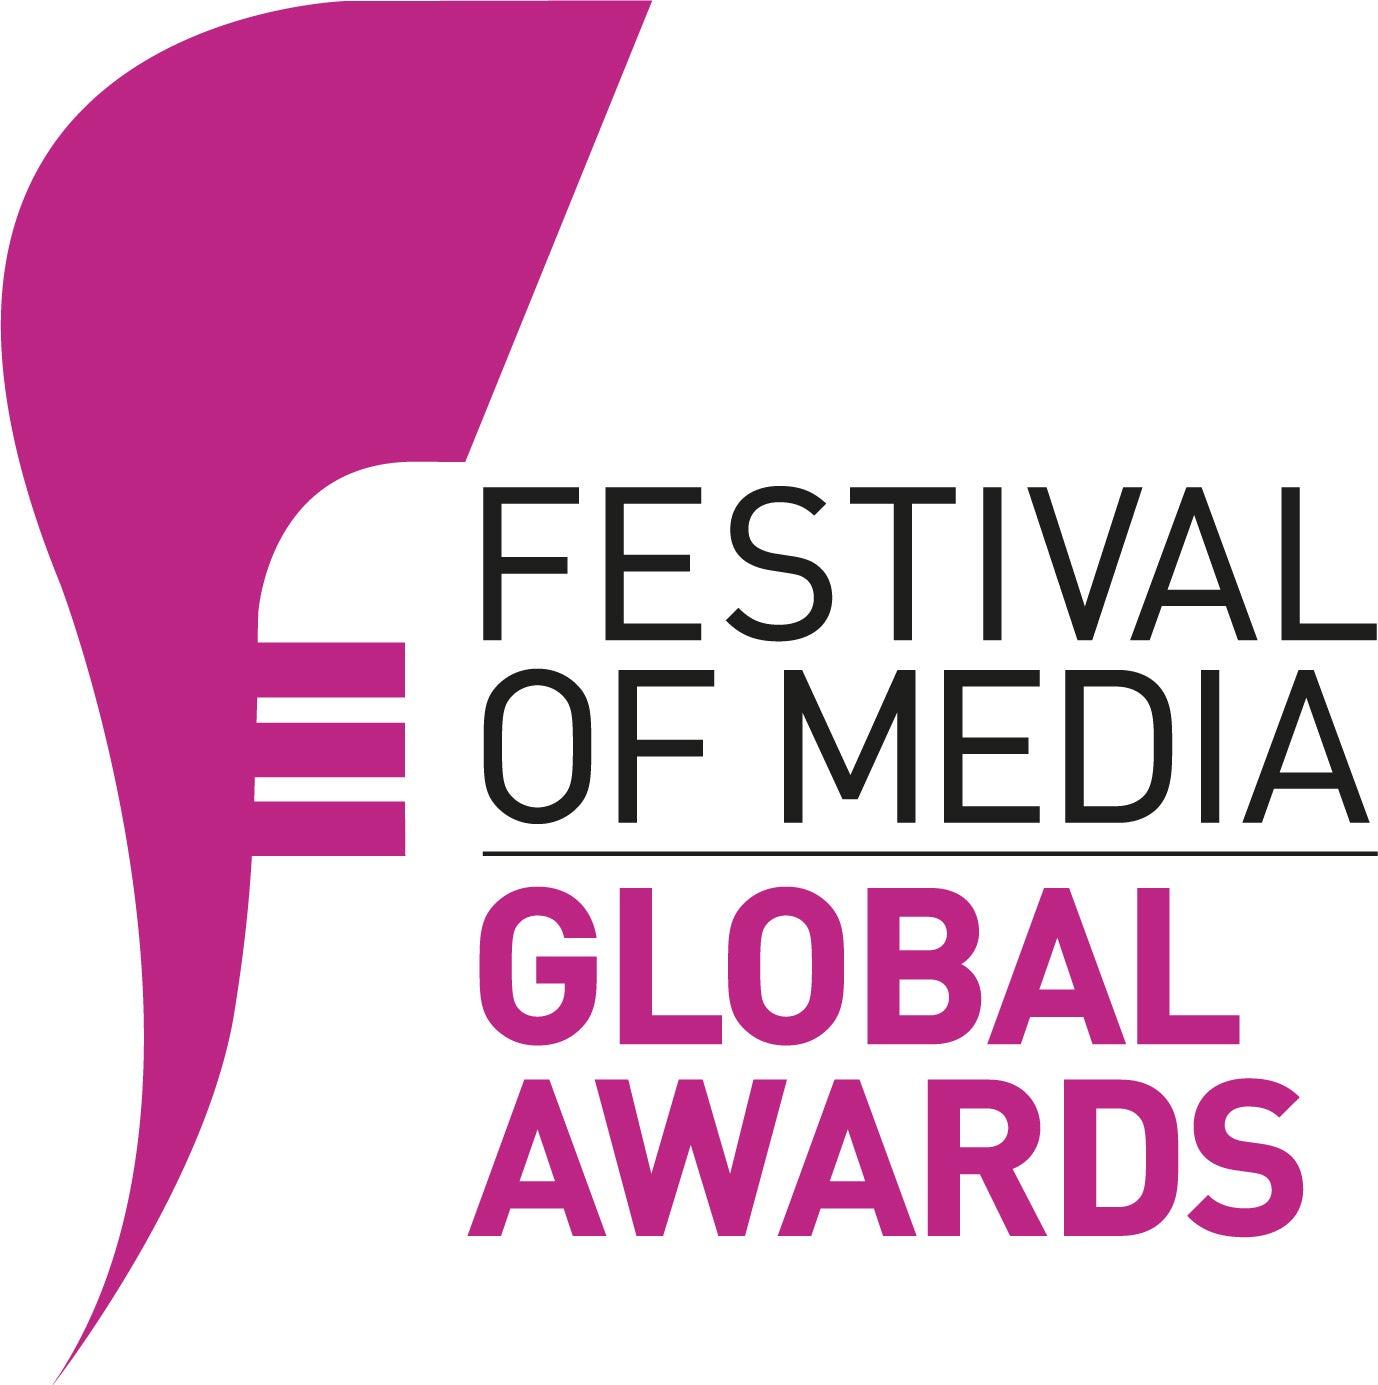 Festival of Media Global Awards 2021